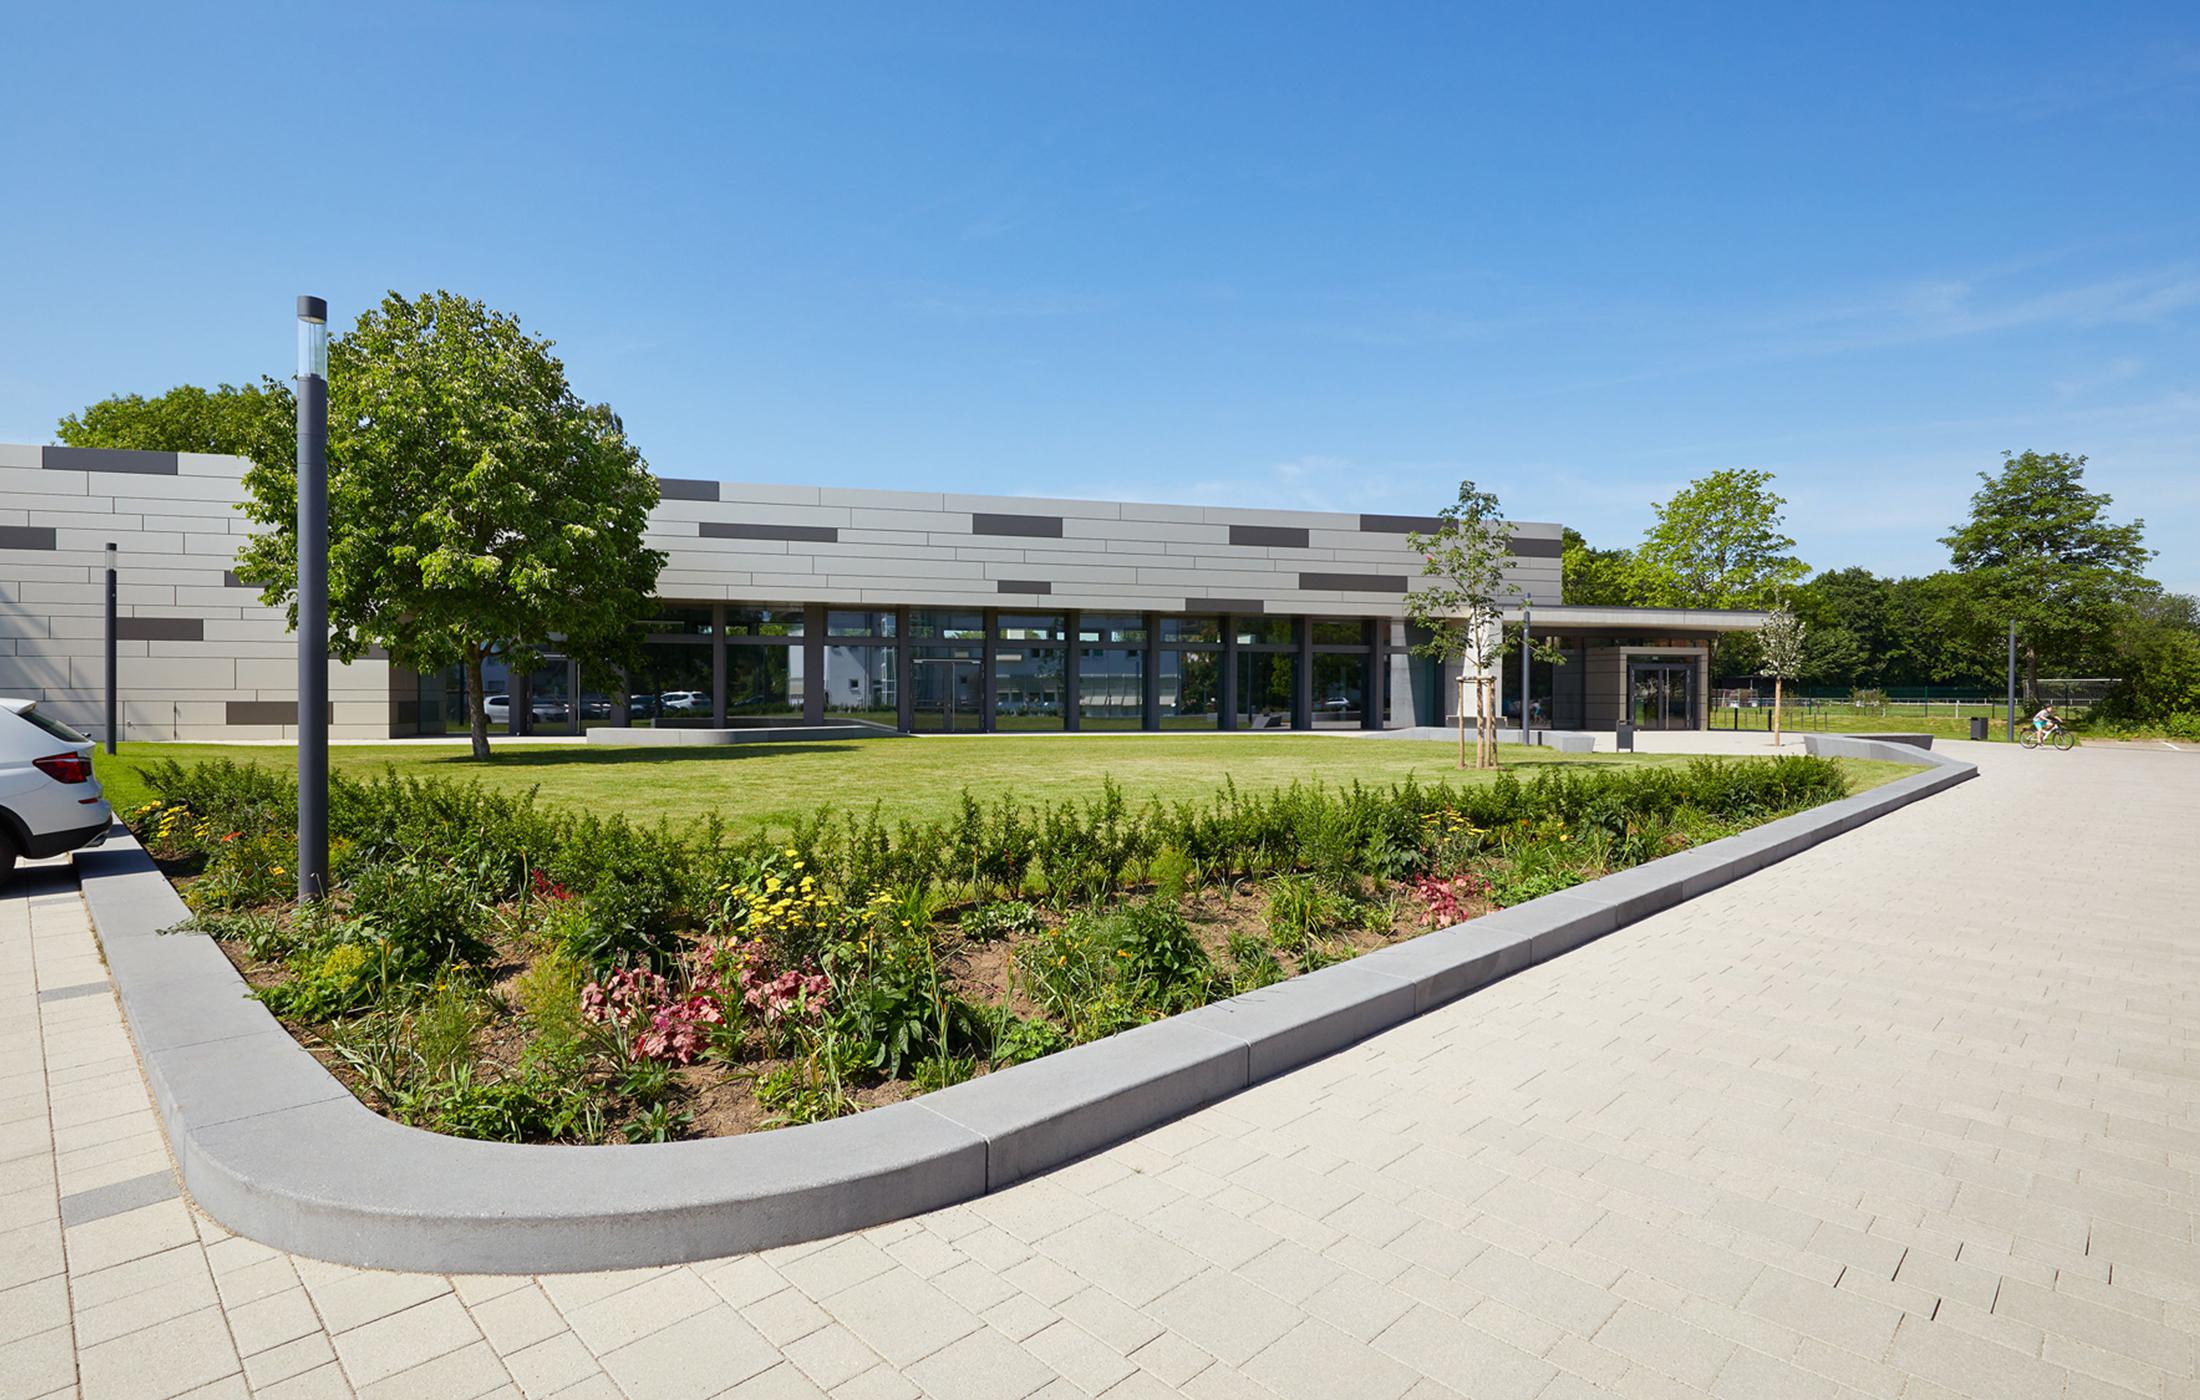 2019, Sanierung Mehrzweckhalle, Massenbachhausen